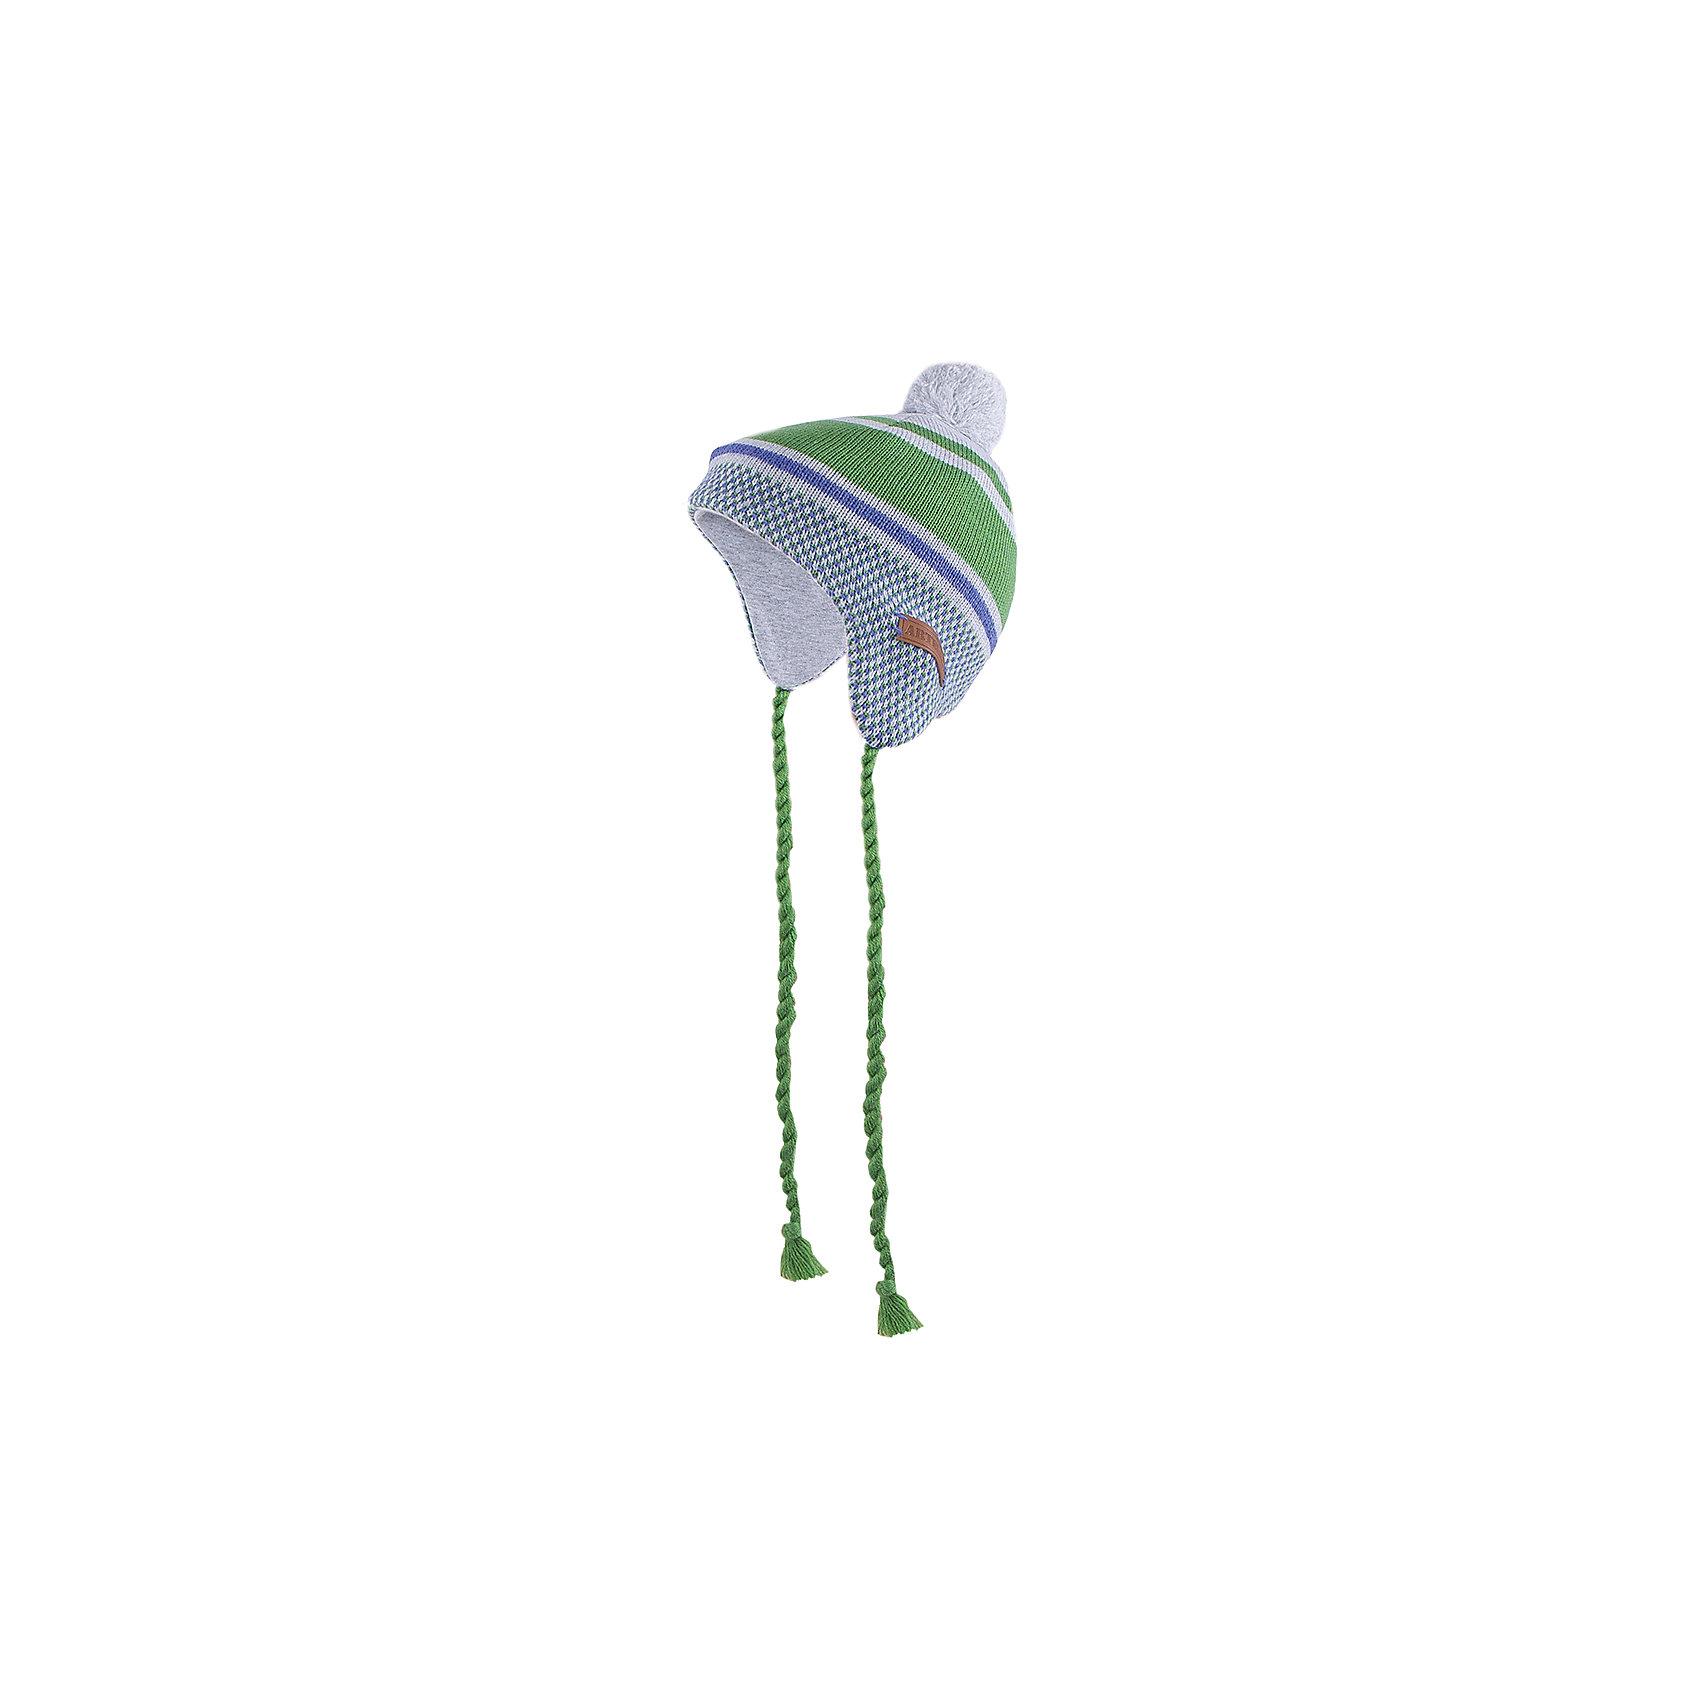 Шапка для мальчика АртельШапка для мальчика от торговой марки Артель <br><br>Модная шапка отлично смотрится на детях, обеспечивает комфорт и тепло. Изделие выполнено из качественных материалов, вязка плотная. Смешанный состав пряжи обеспечит износостойкость и удобство. Отличный вариант для переменной погоды межсезонья! <br>Одежда от бренда Артель – это высокое качество по приемлемой цене и всегда продуманный дизайн. <br><br>Особенности модели: <br>- цвет — серый; <br>- есть завязки; <br>- украшена бомбошкой;<br>- подкладка из натурального хлопка; <br>- пряжа смешанного состава. <br><br>Дополнительная информация: <br><br>Состав: 50% хлопок, 50% пан; подкладка — 100% хлопок.<br><br>Температурный режим: <br>От -15 °C до +5 °C <br><br>Шапку для мальчика Артель (Artel) можно купить в нашем магазине.<br><br>Ширина мм: 89<br>Глубина мм: 117<br>Высота мм: 44<br>Вес г: 155<br>Цвет: серый<br>Возраст от месяцев: 18<br>Возраст до месяцев: 24<br>Пол: Мужской<br>Возраст: Детский<br>Размер: 48,50,54,52,46<br>SKU: 4500664